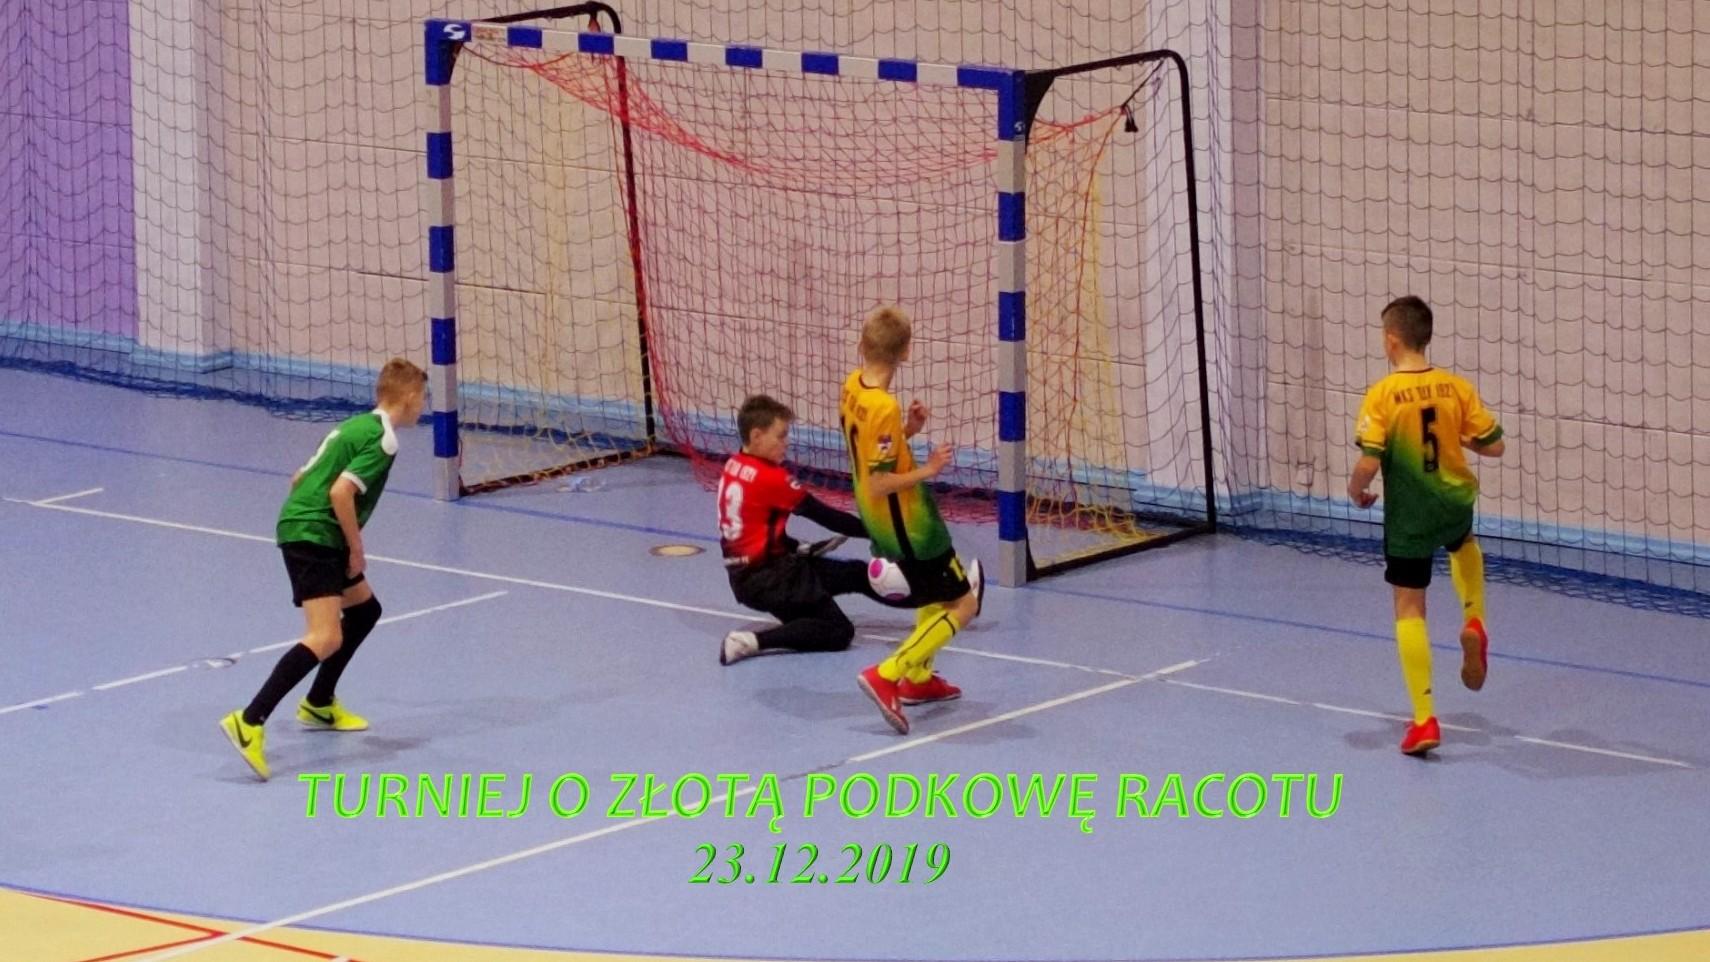 Turniej o Złotą Podkowę Racotu, skrót- 23.12.2019 r.